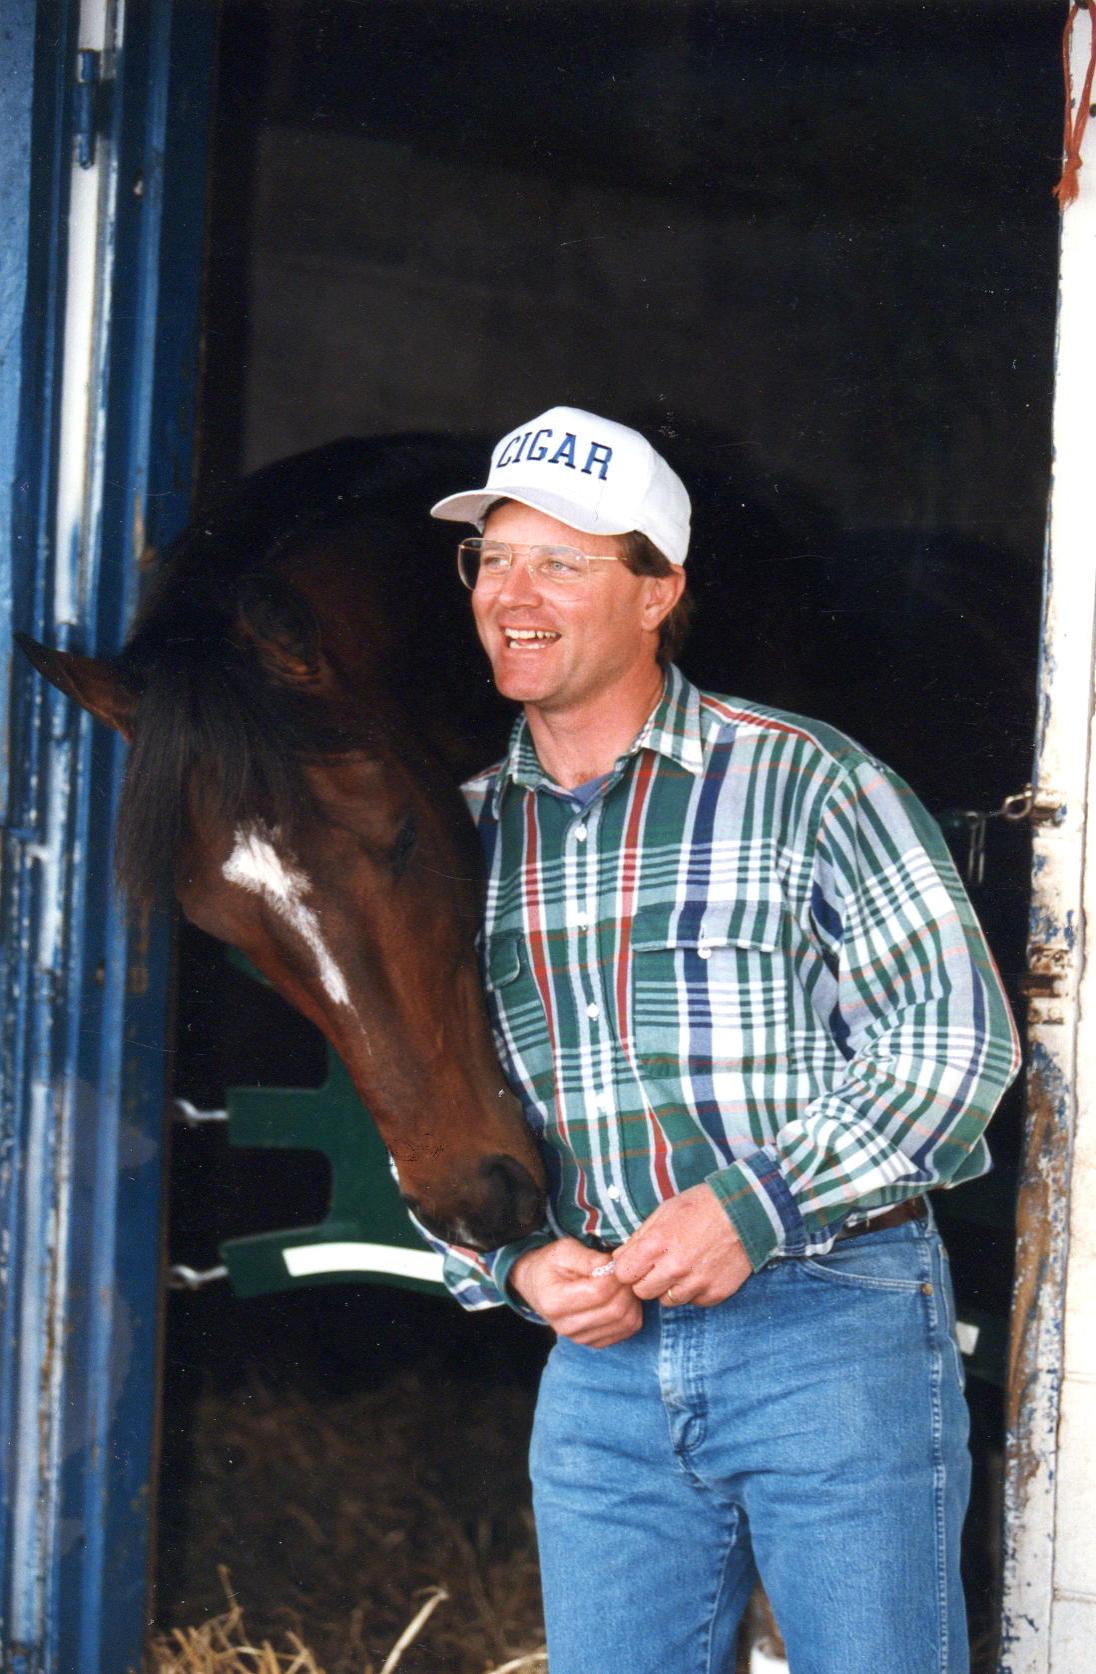 Bill Mott and Cigar at Payson Park, February 1996 (Barbara D. Livingston)